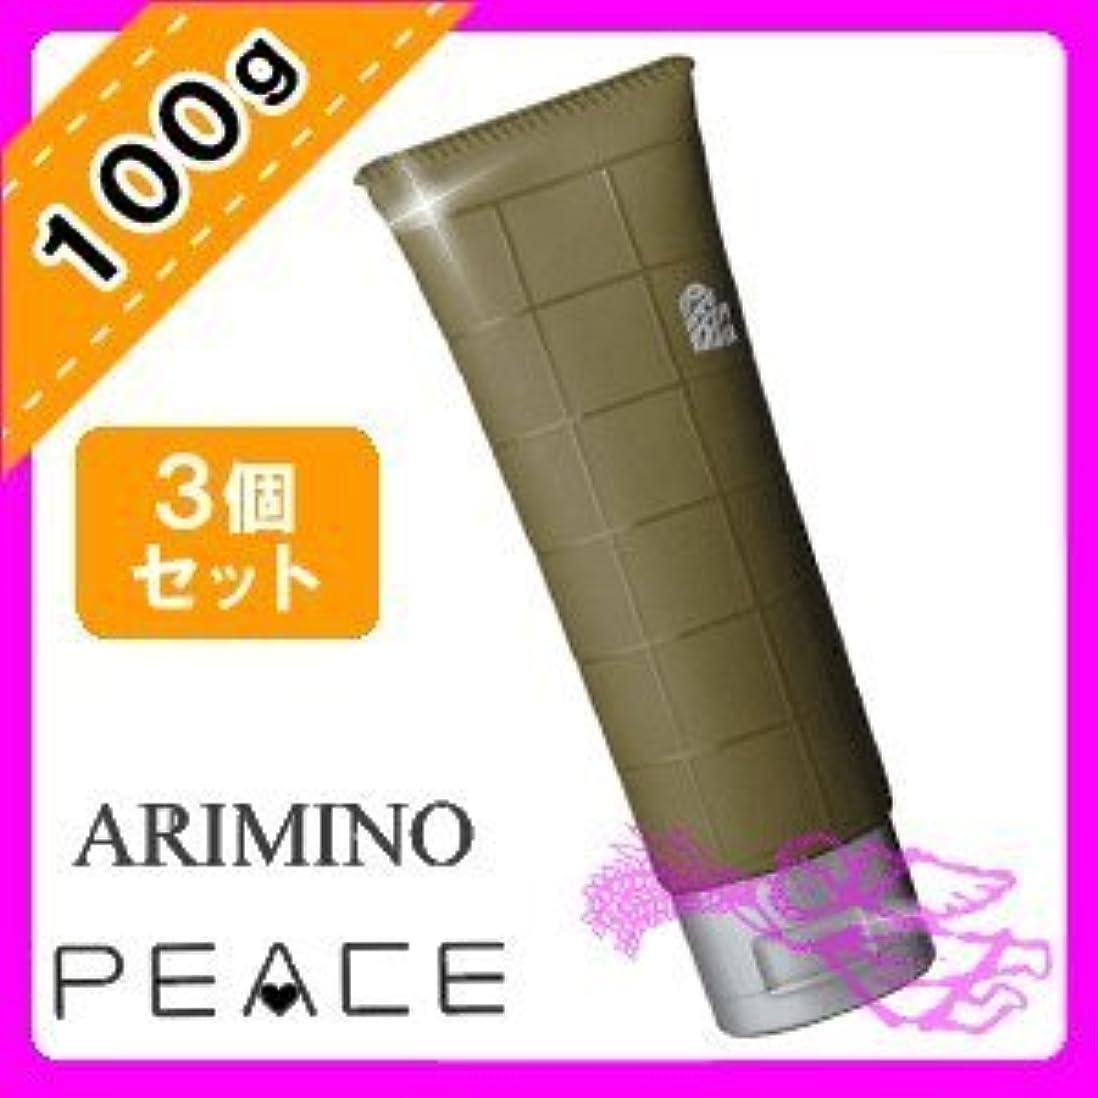 宿るガイドライン磁気アリミノ ピース ウェットオイル ワックス 100g ×3個セット arimino PEACE